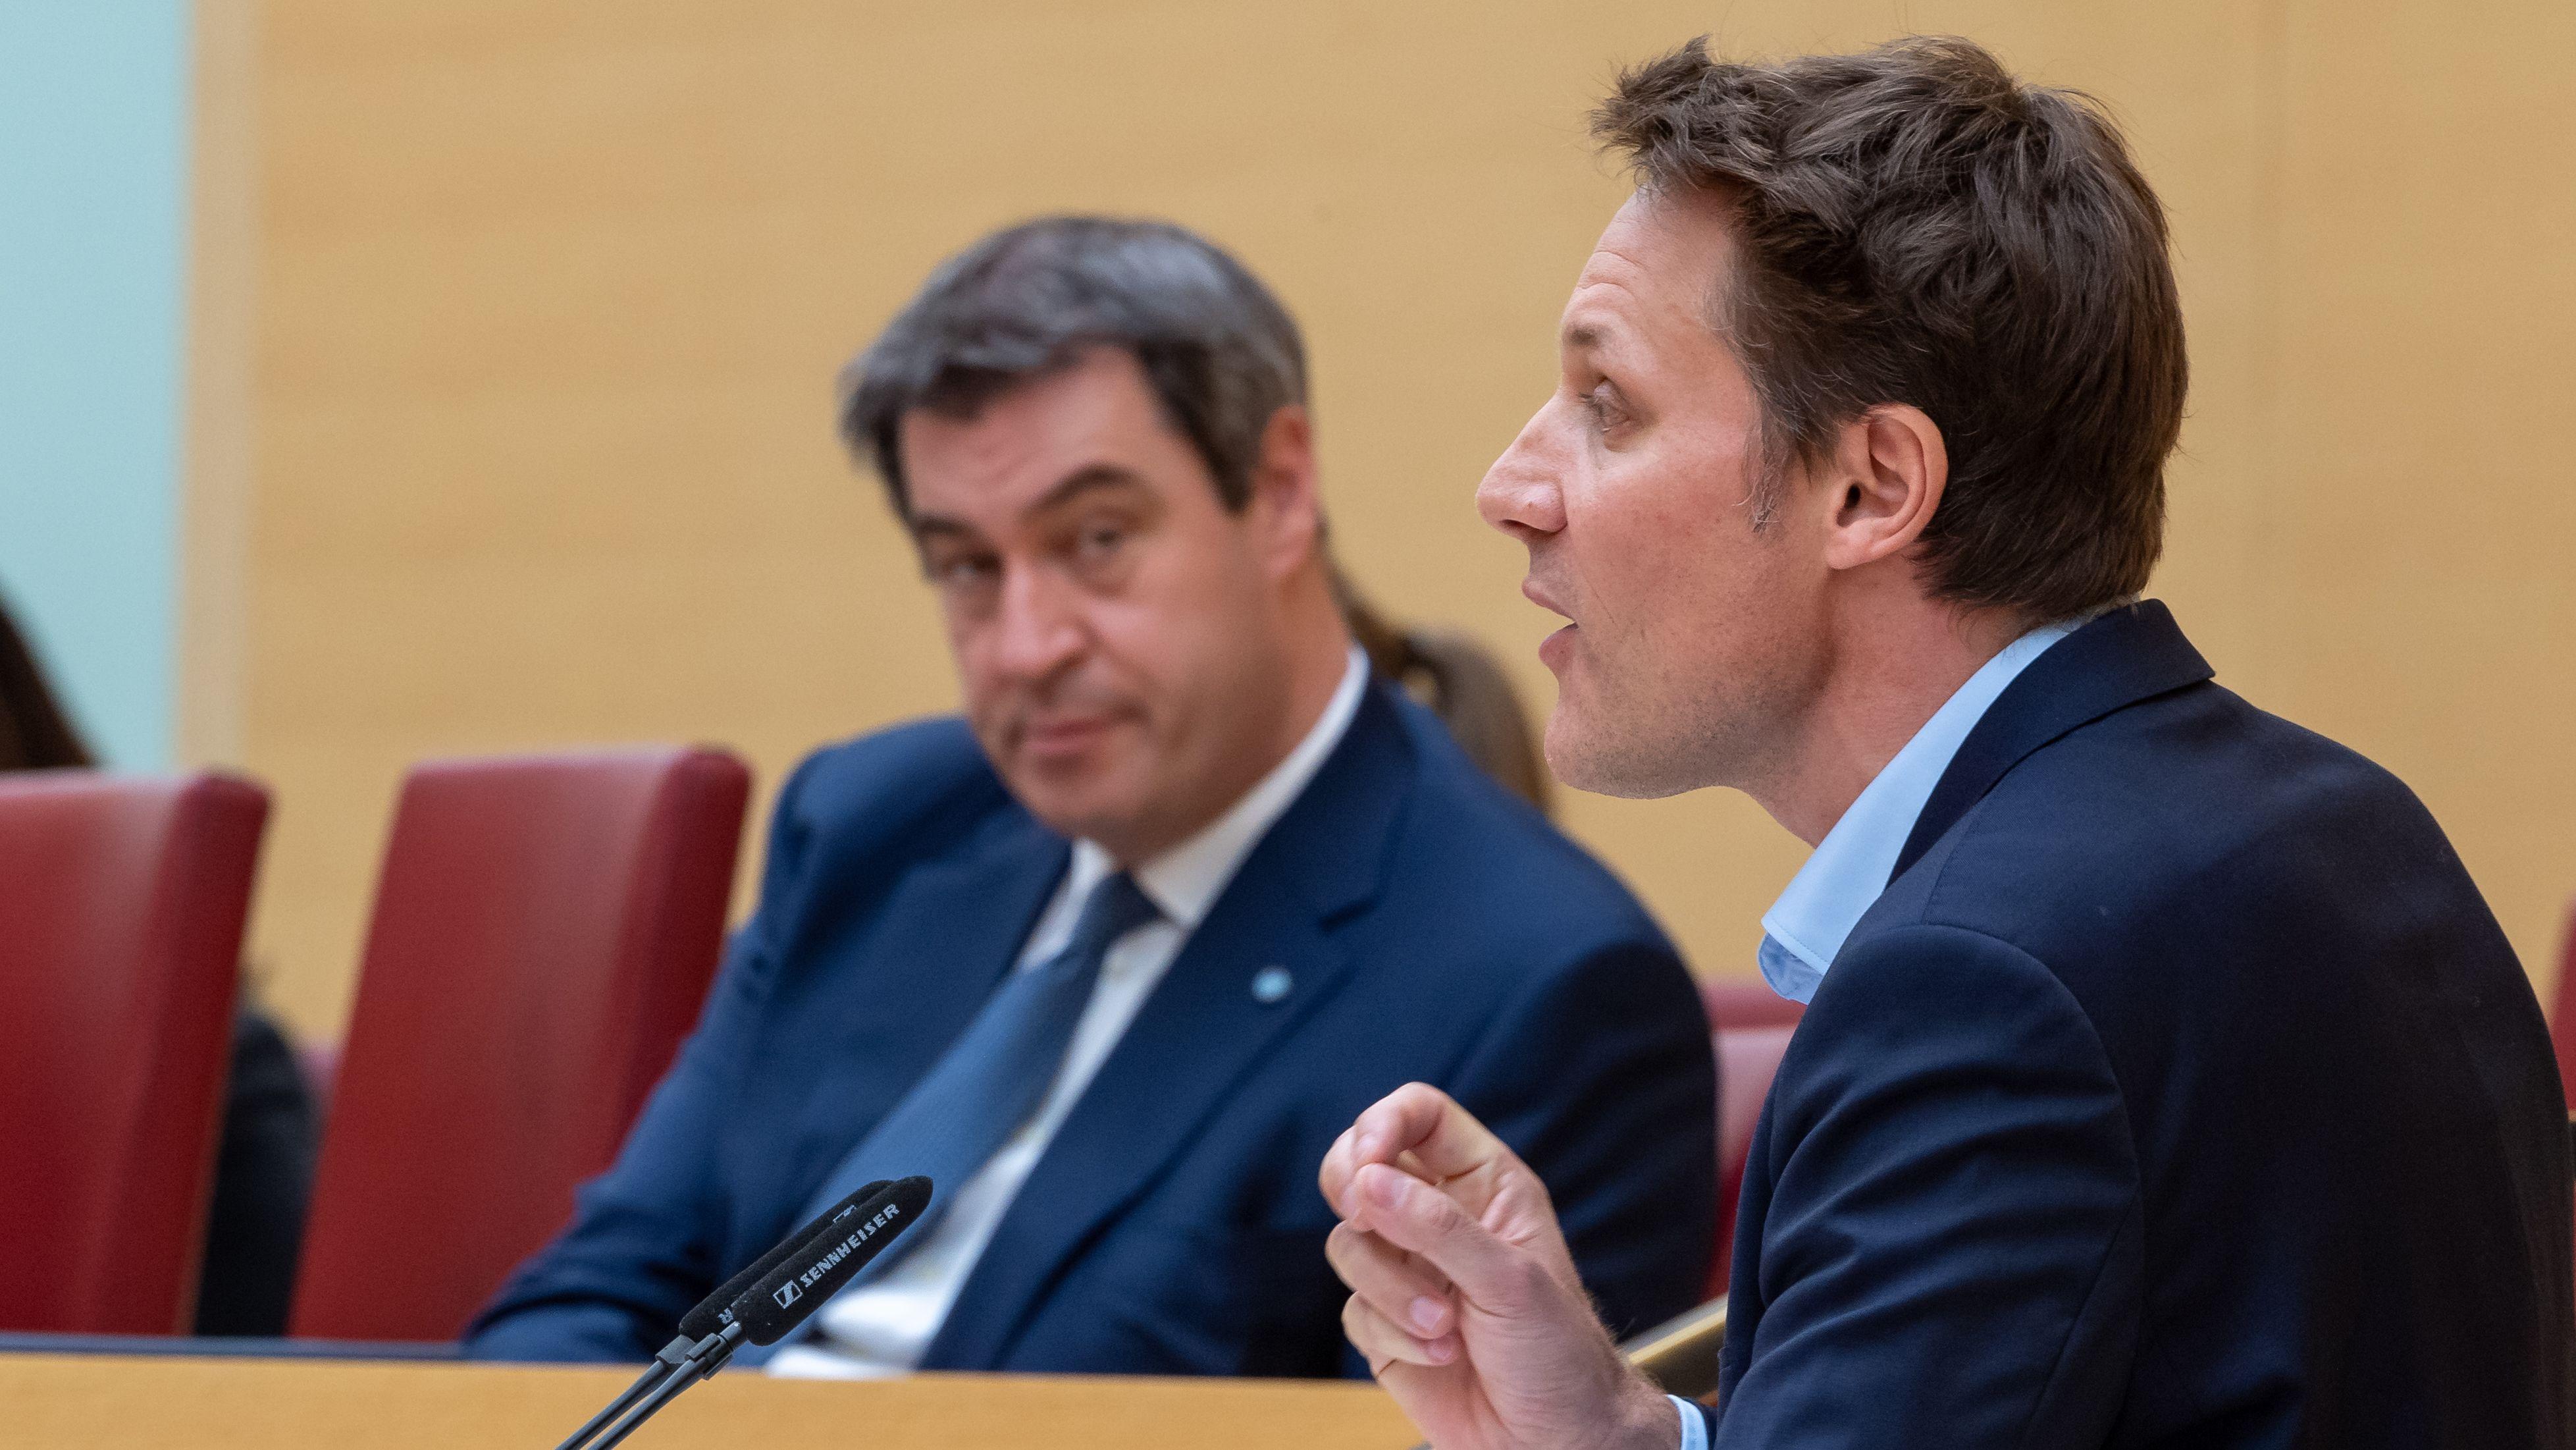 Er setzt auf konstruktive Zusammenarbeit in der Krisenzeit: Der Fraktionsvorsitzende im bayerischen Landtag, Ludwig Hartmann.